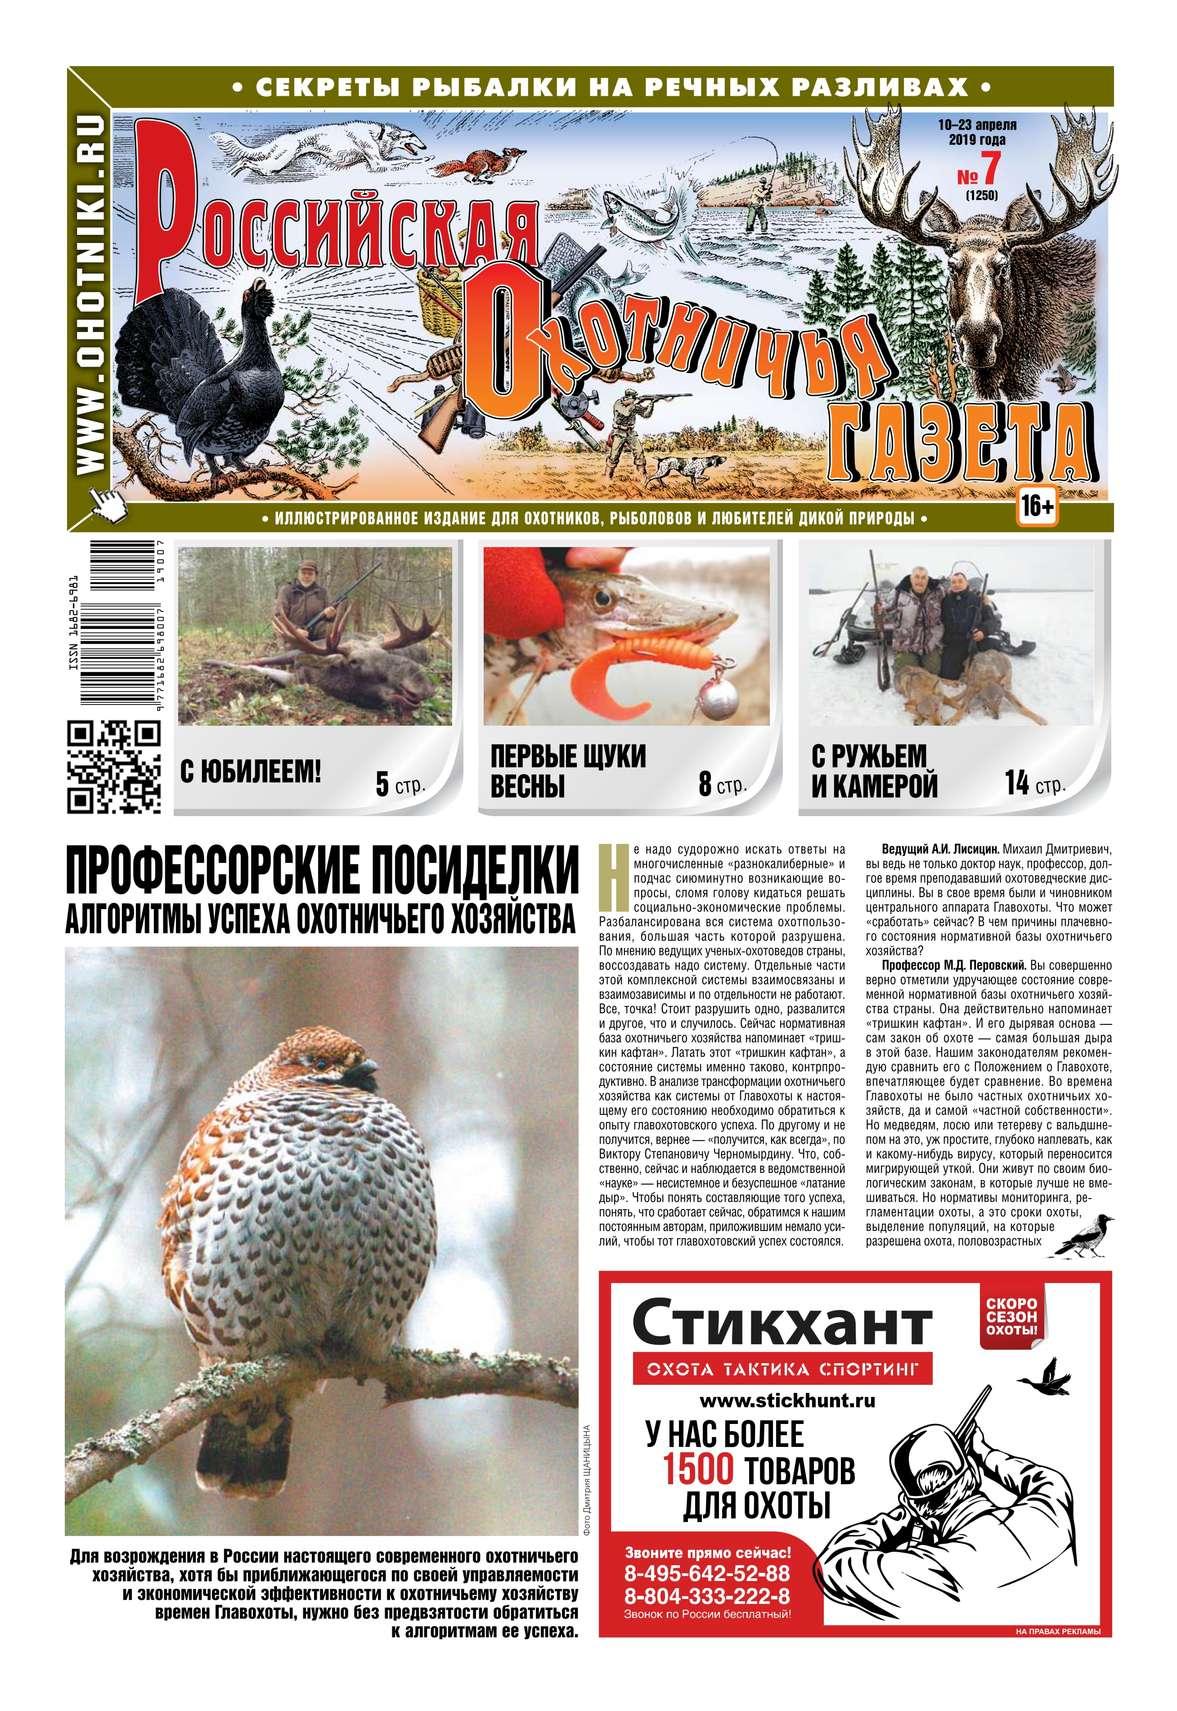 Российская Охотничья Газета 07-2019